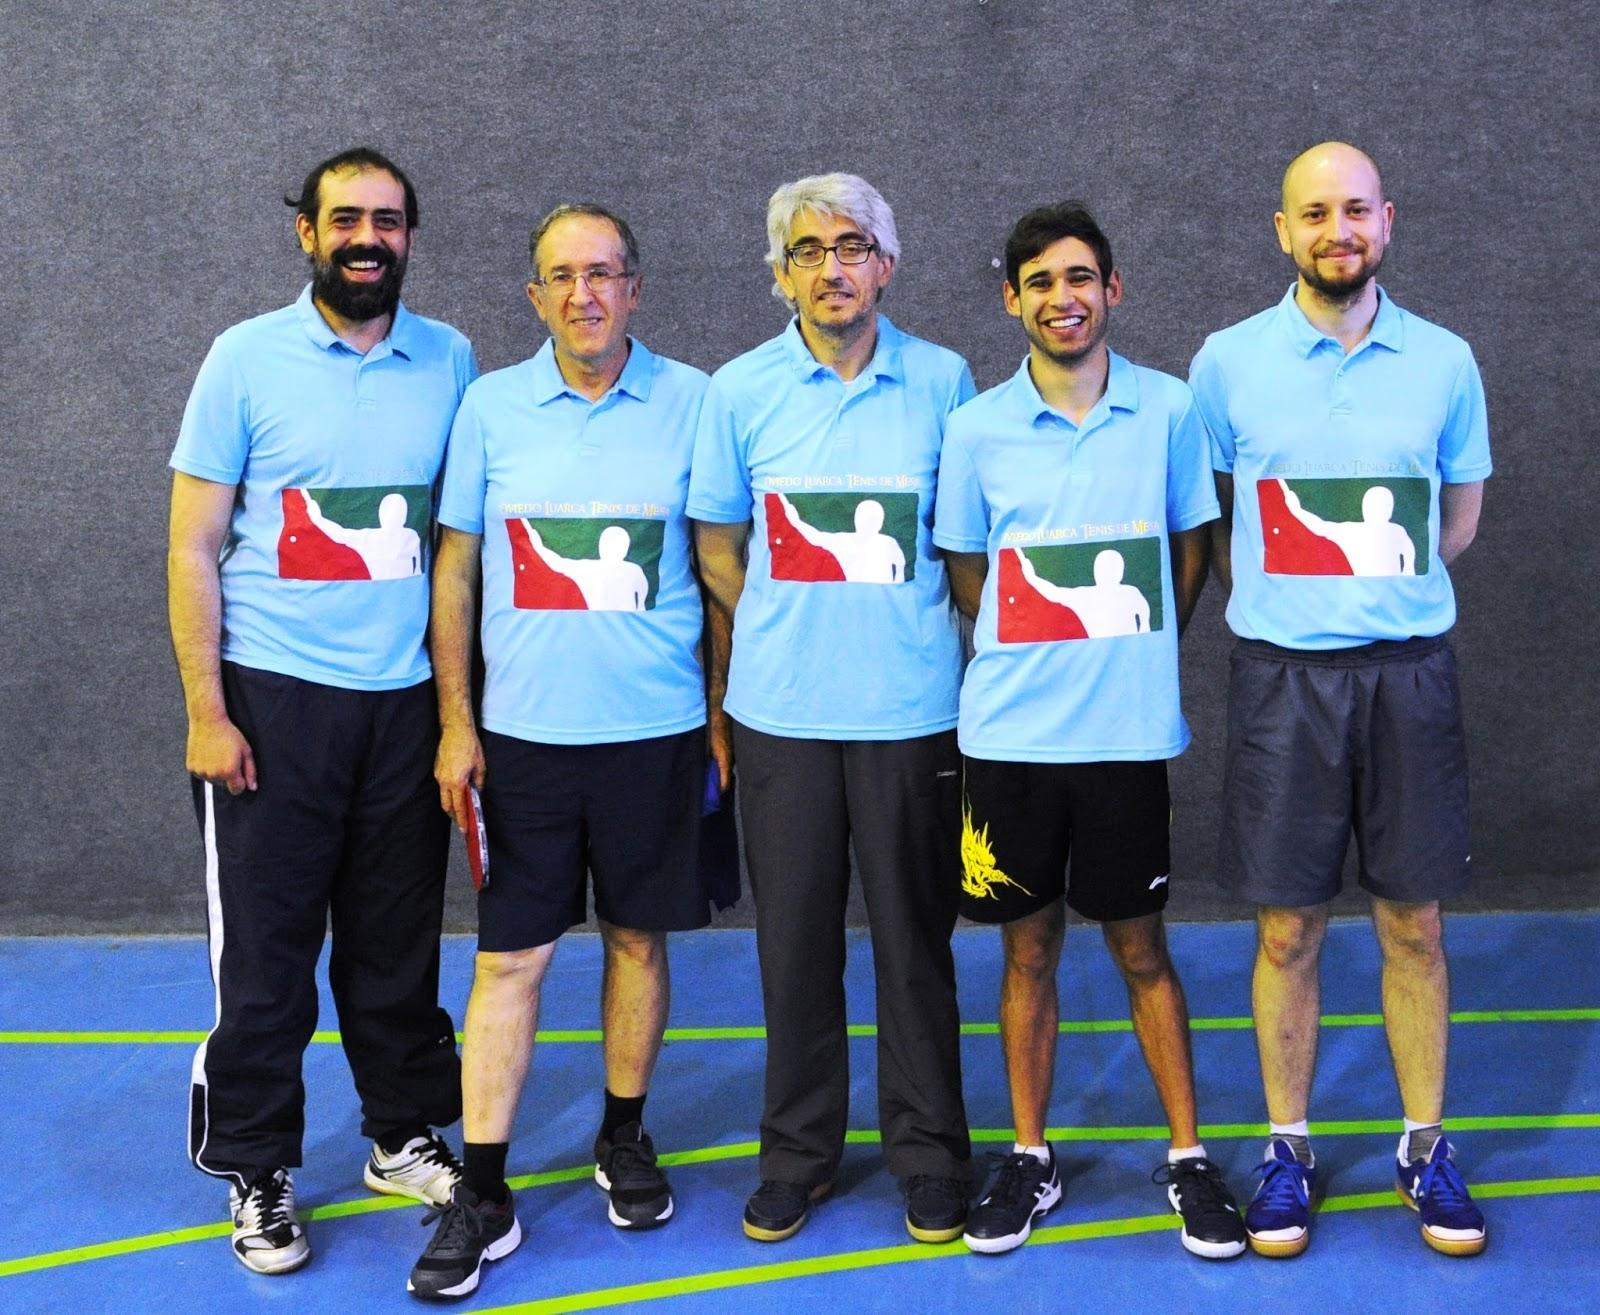 Federaci n de tenis de mesa del principado de asturias campeonato de asturias absoluto por equipos - Aviles tenis de mesa ...